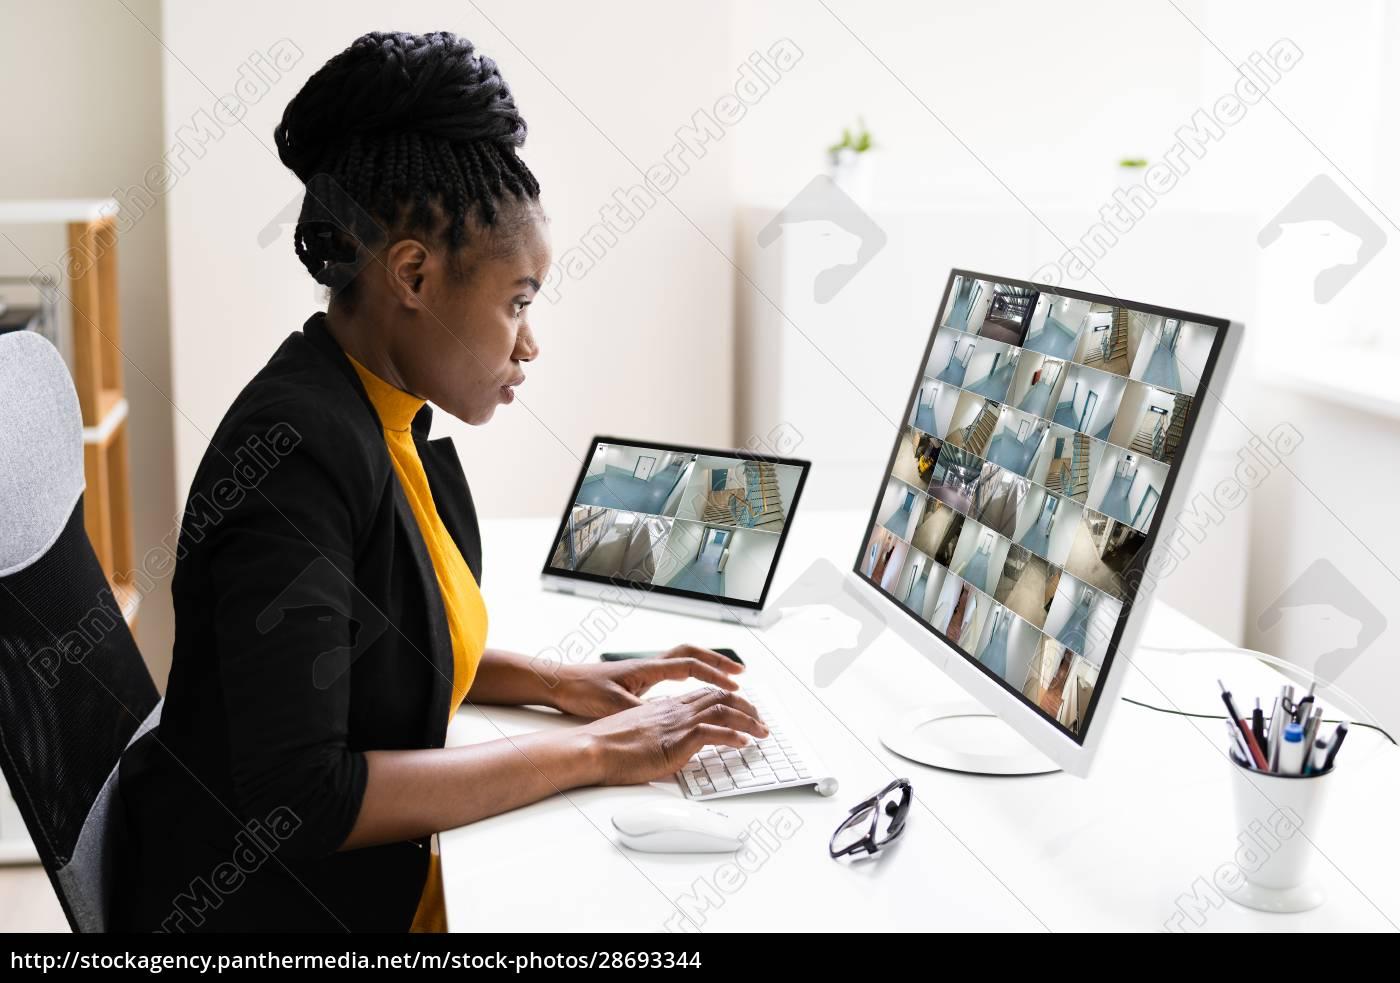 geschäftsfrau, beobachtet, cctv-aufnahmen, von, office, interior - 28693344